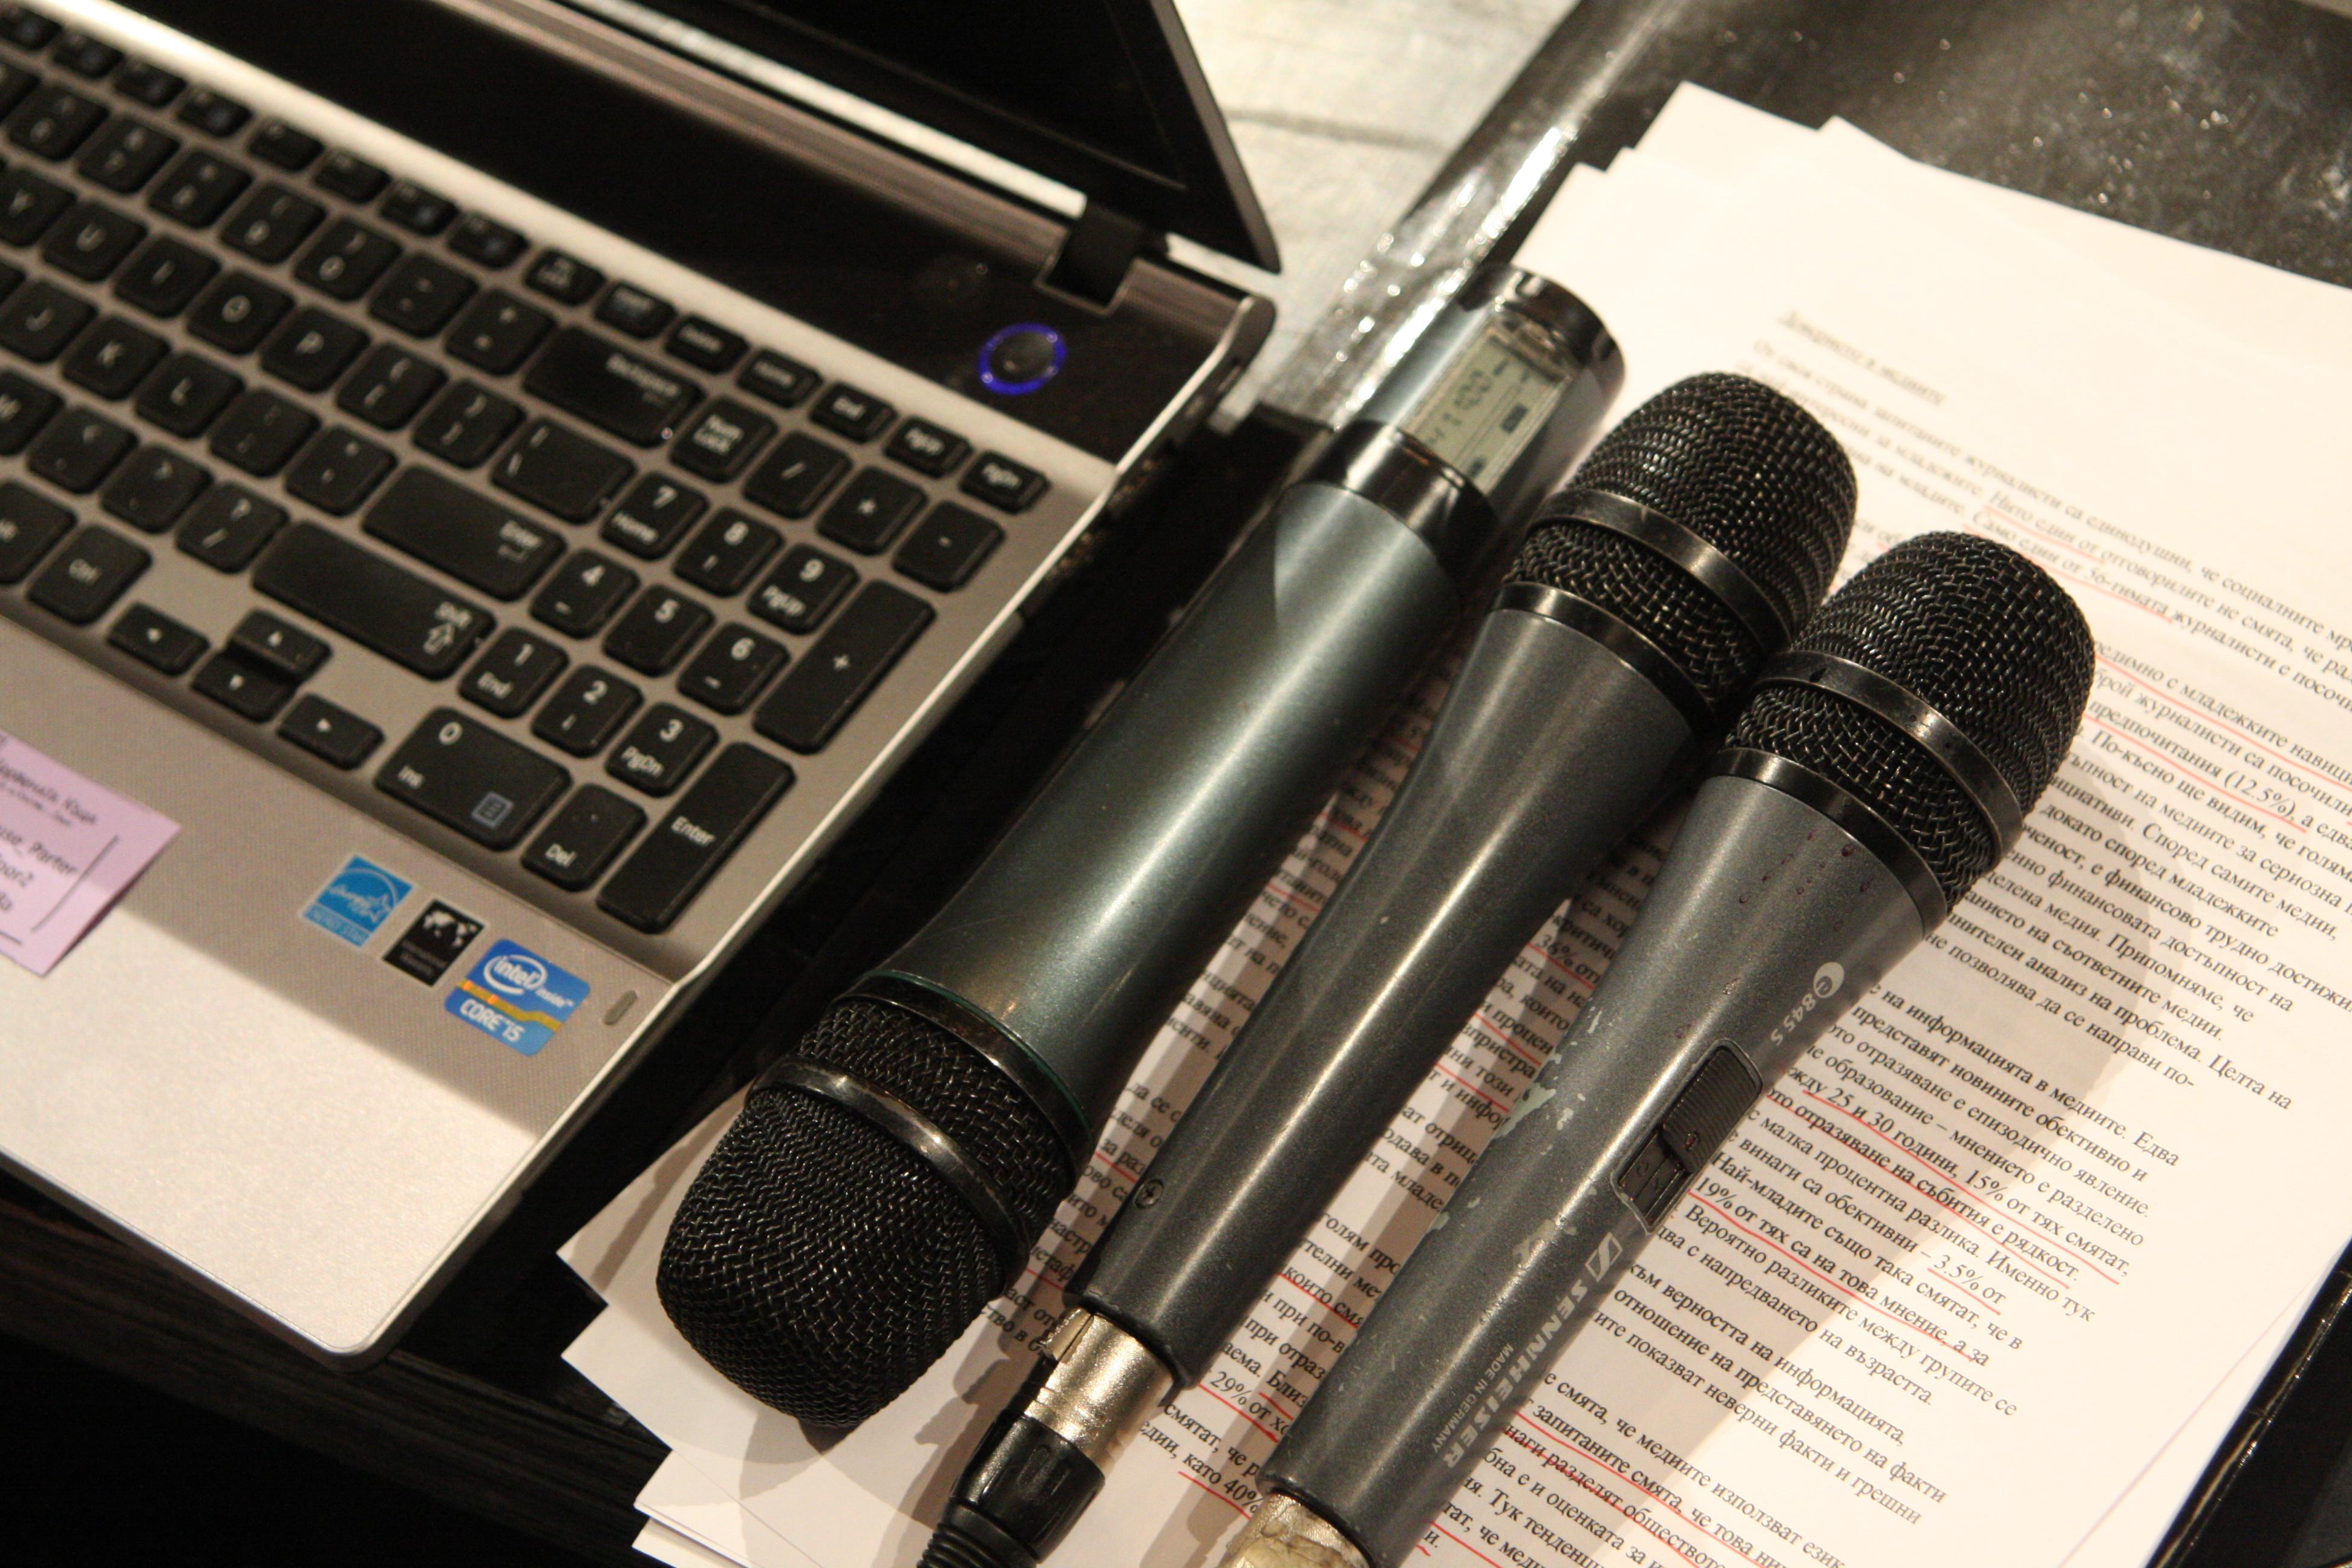 Новинарски агенции създават сайт за журналистика с данни на европейска тематика